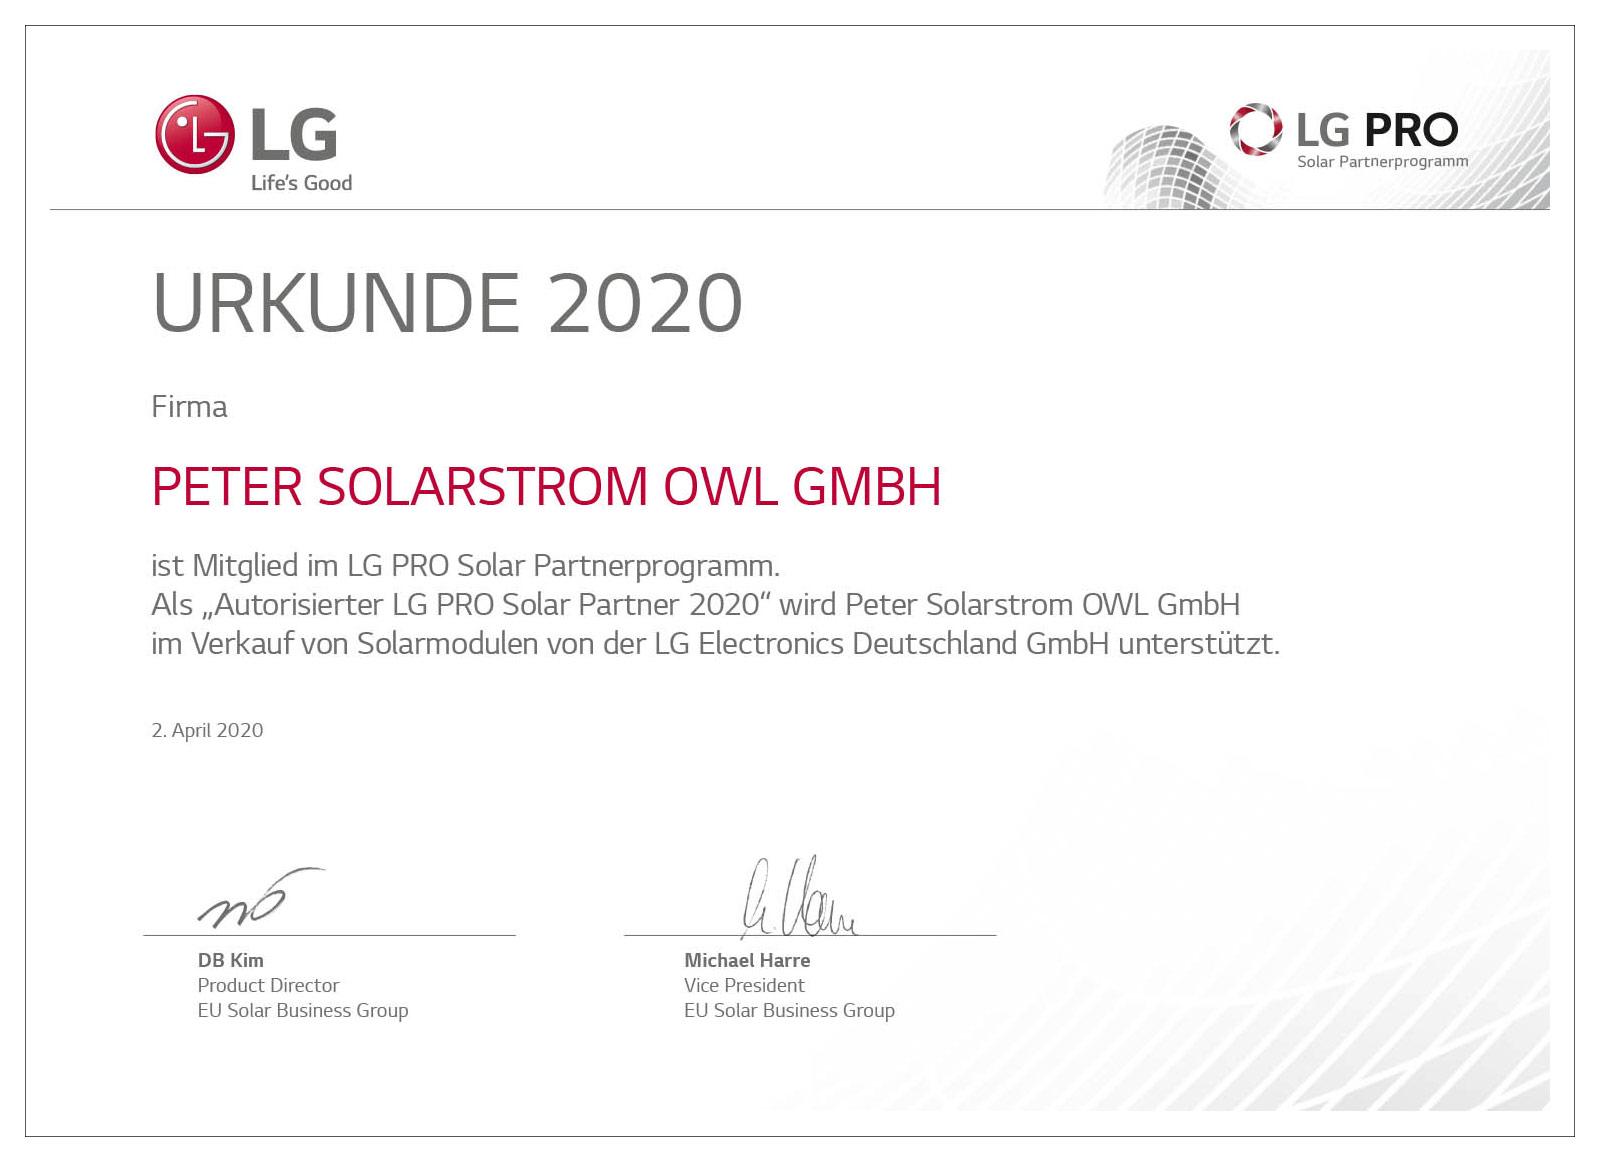 Peter Solarstrom OWL | News | LG PRO Autorisierter Partner Urkunde